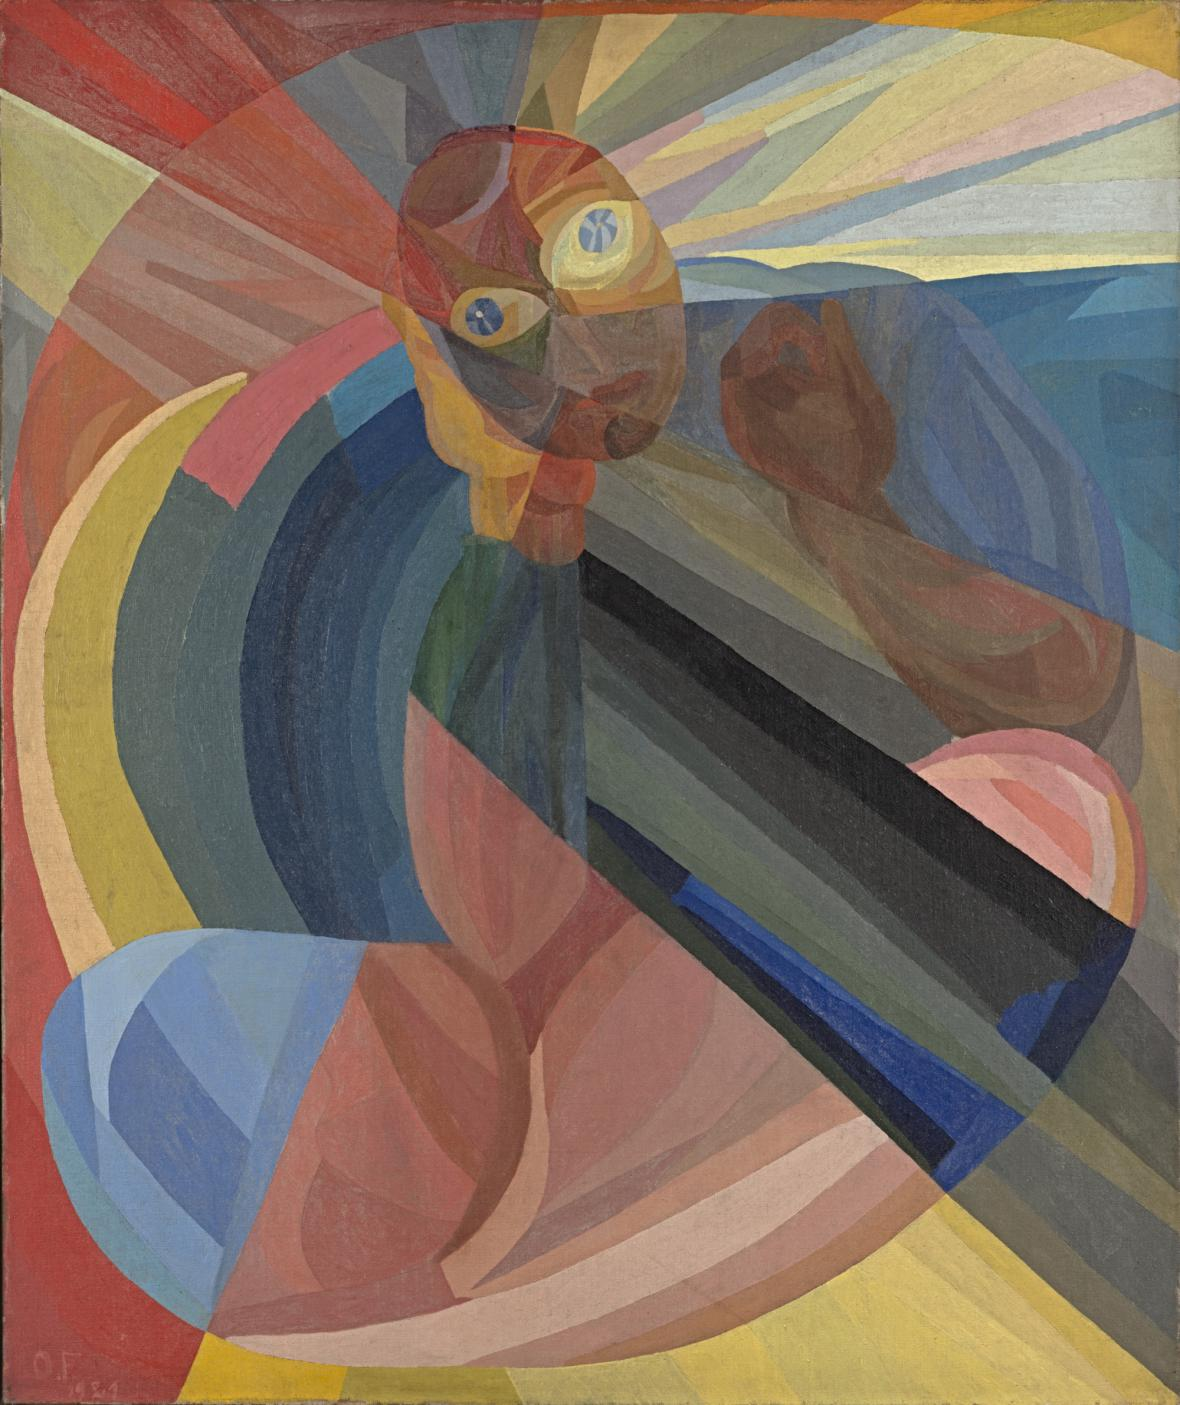 Otto Freundlich / Matka, 1921